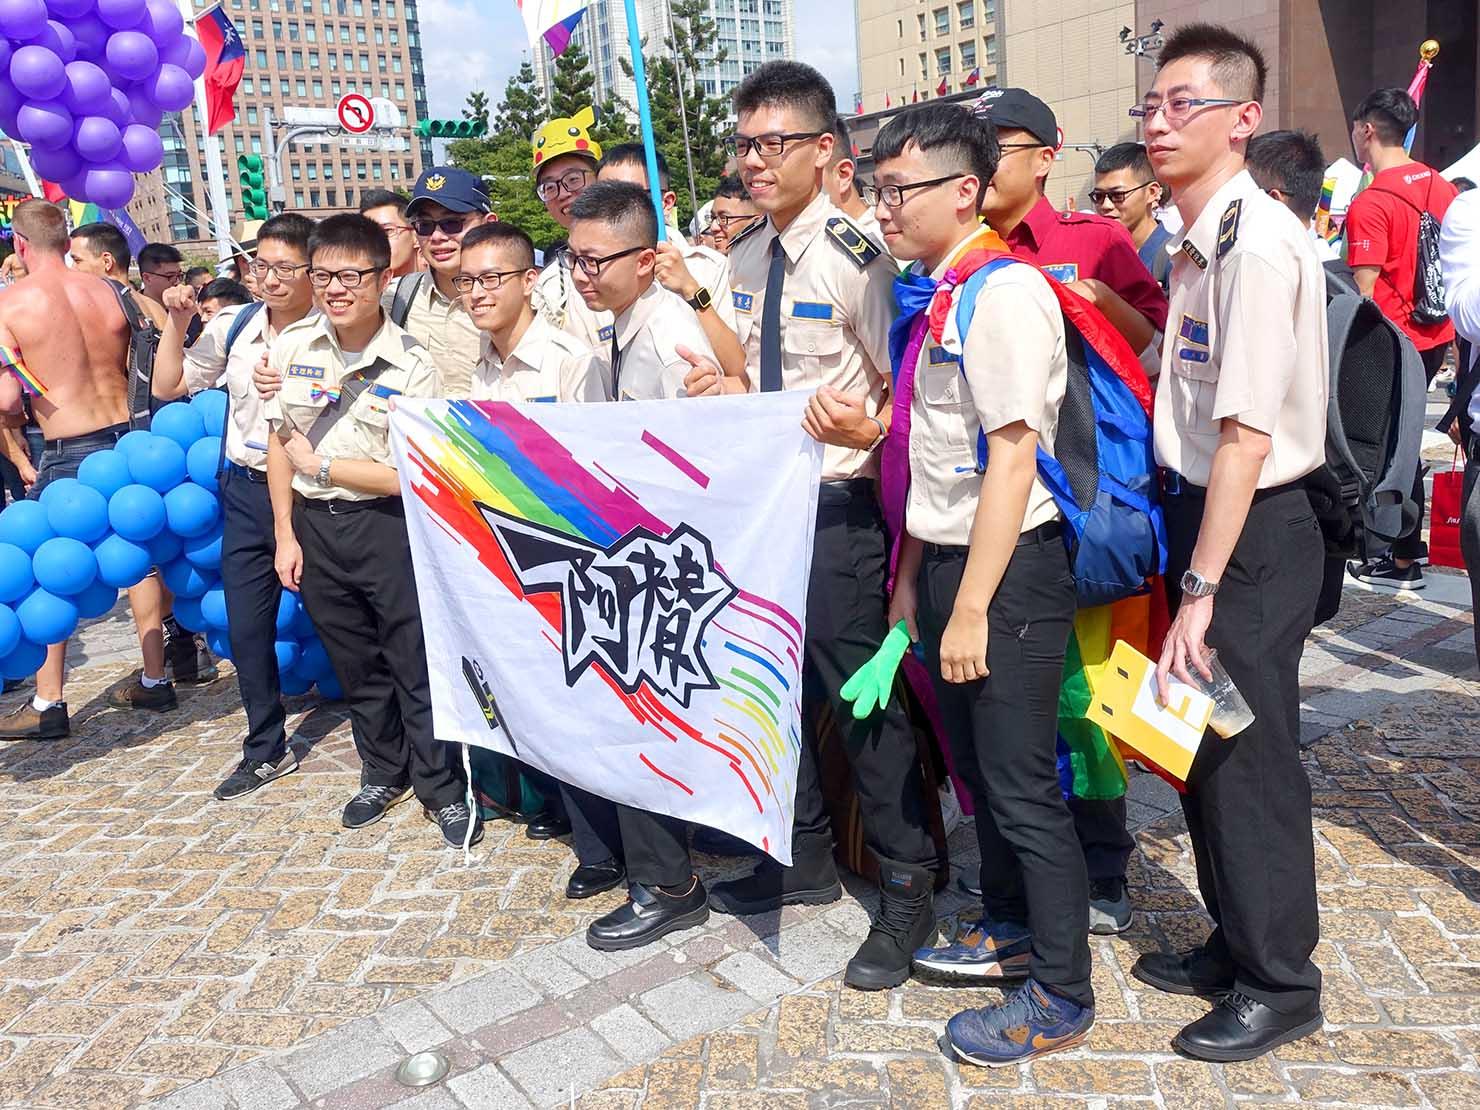 台灣同志遊行(台湾LGBTプライド)2019の会場で記念撮影する替代役男子たちのグループ